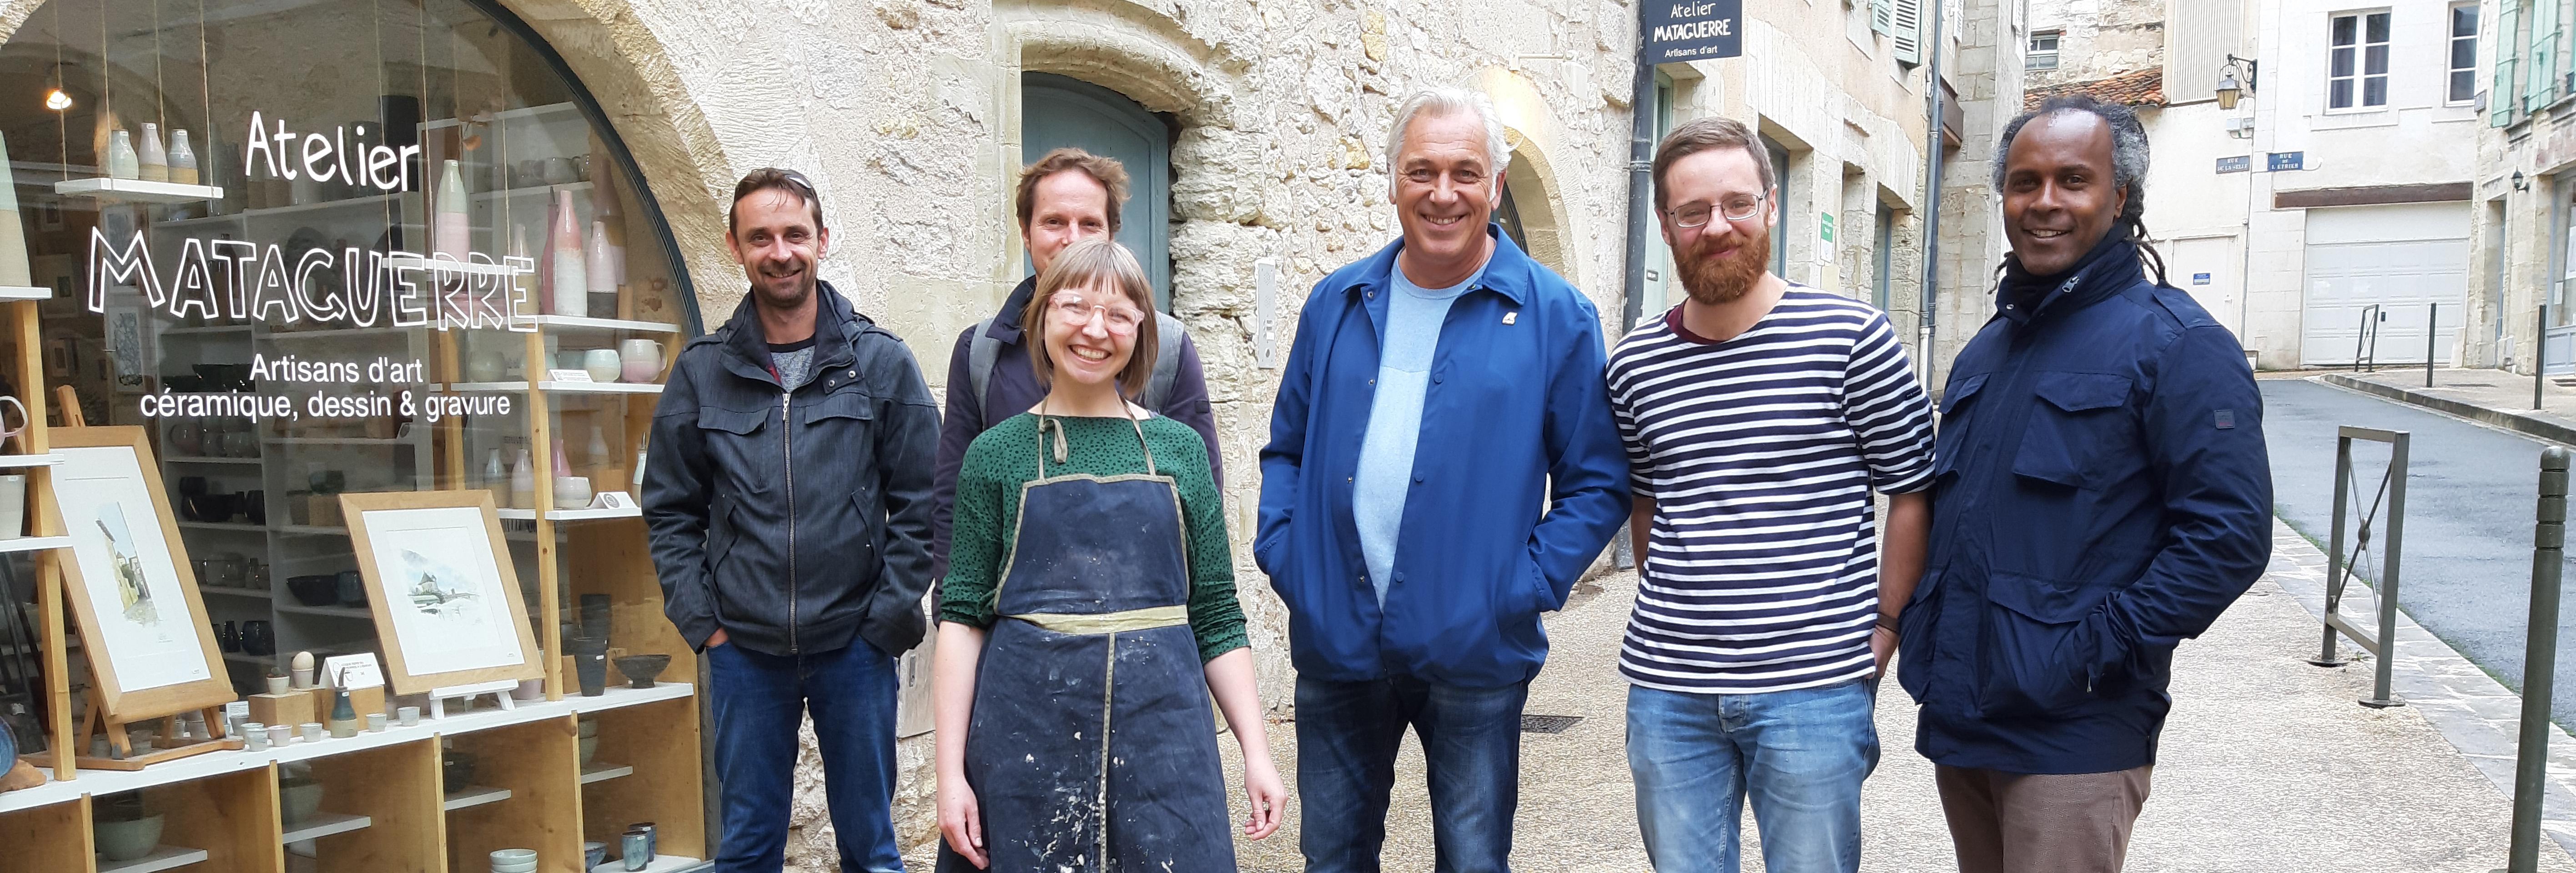 La Maison France 5 présente l'atelier Mataguerre